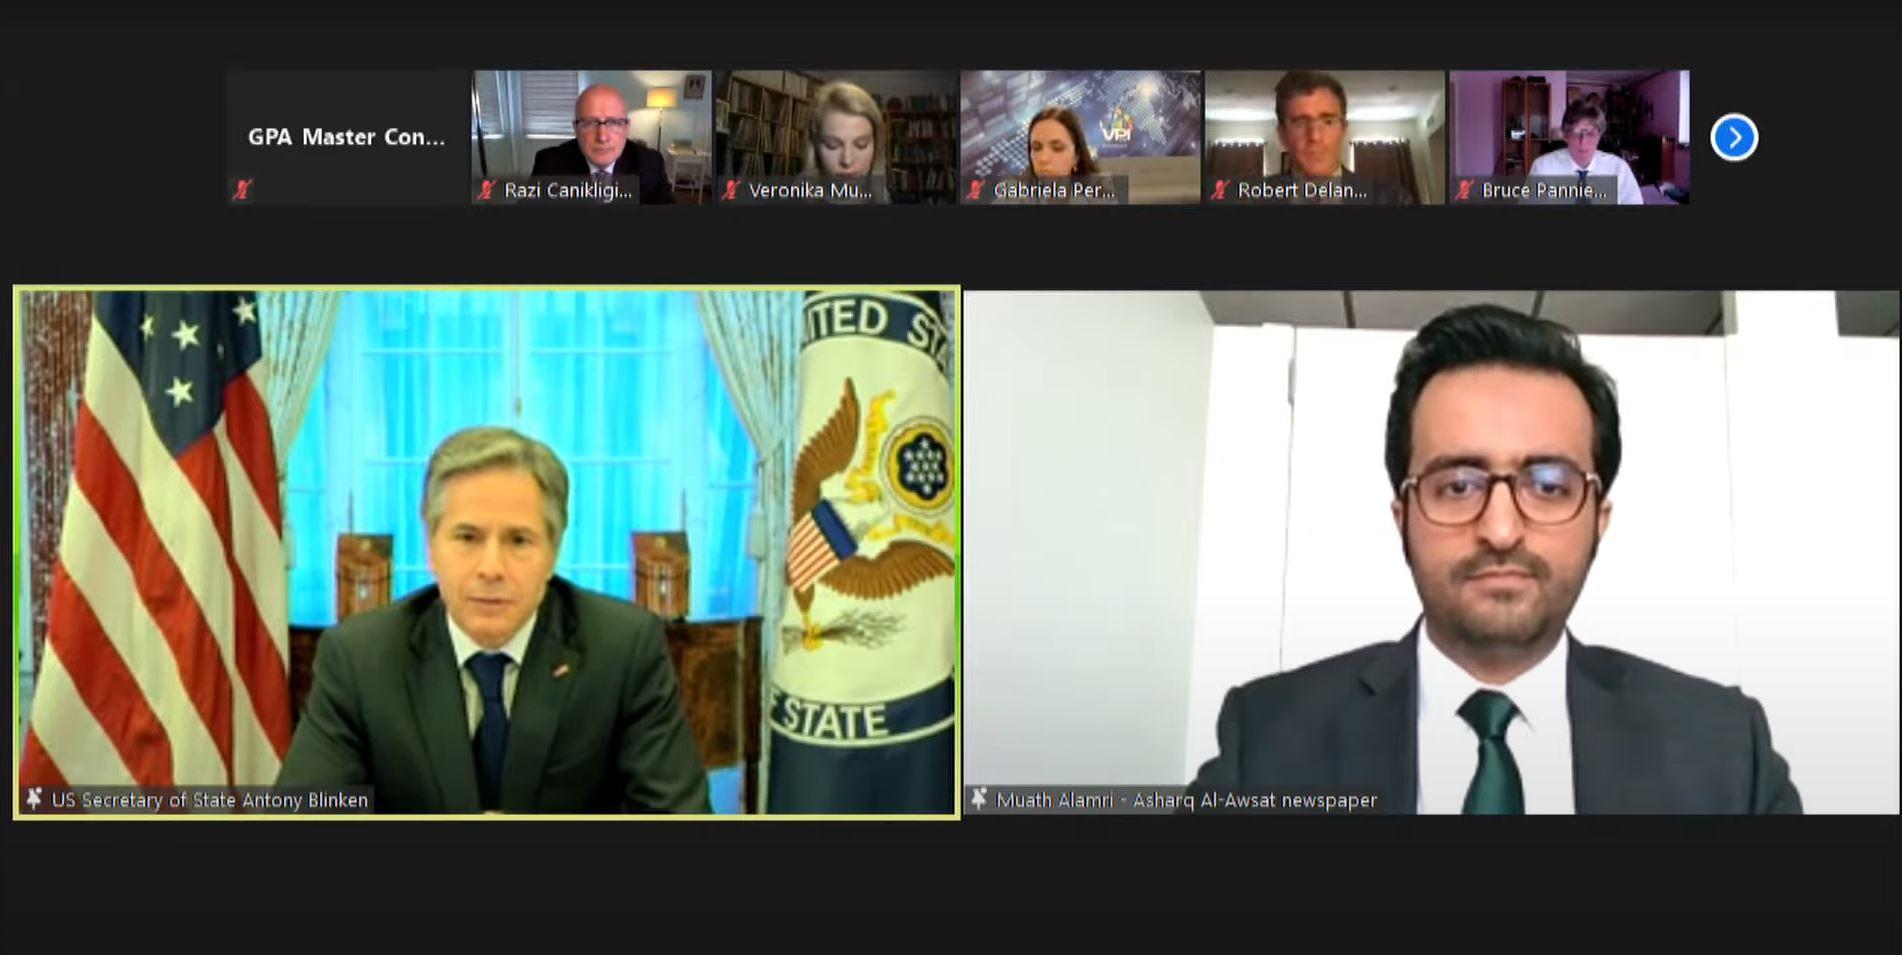 بلینکن: علیرغم توافق، به اقدام علیه فعالیتهای ایران در دیگر حوزهها ادامه میدهیم